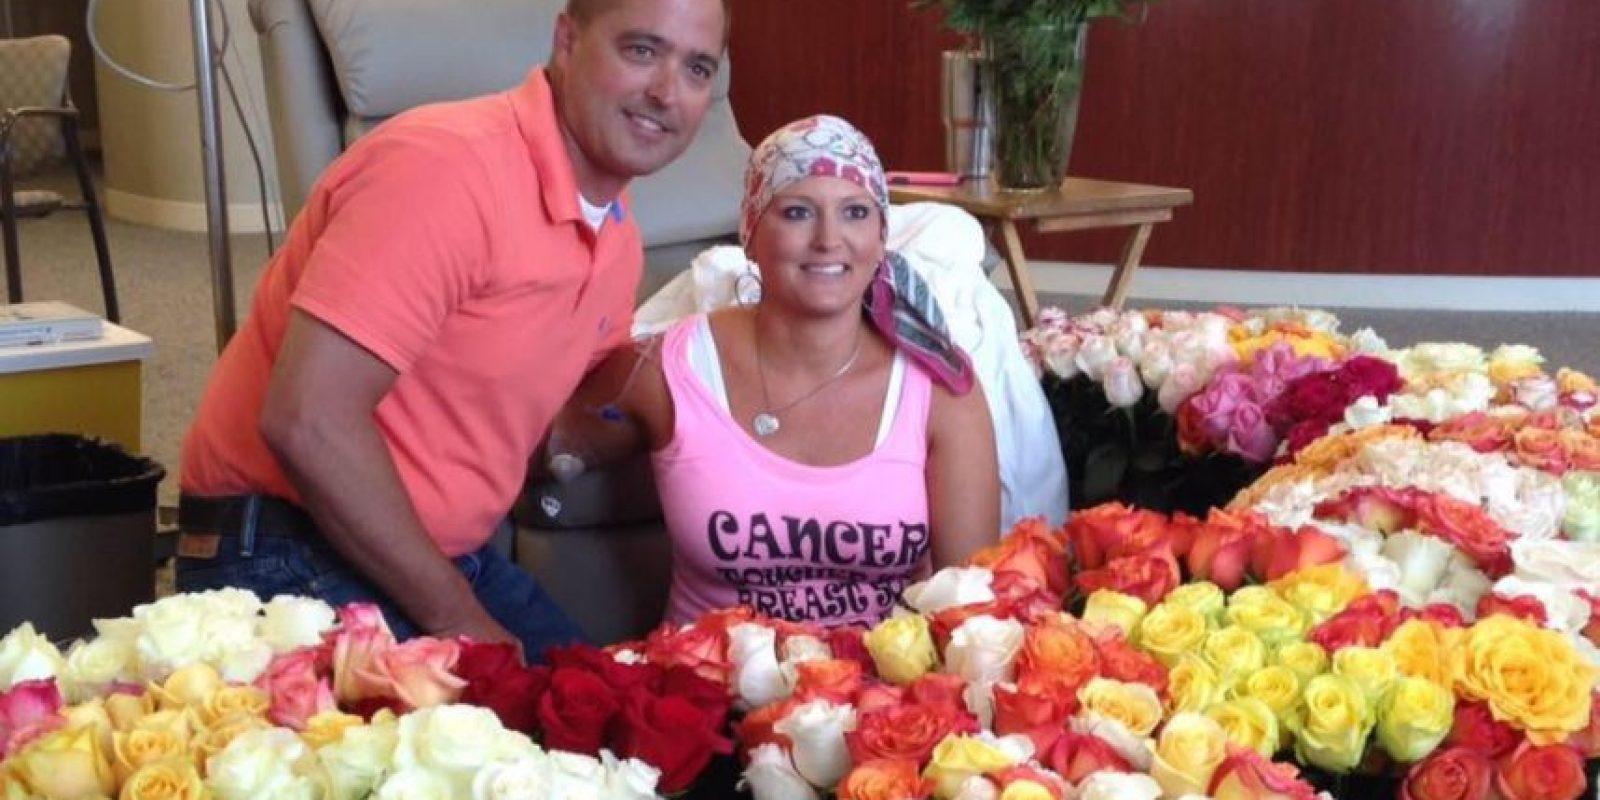 Alissa Korte Bousquet y su esposo Brad Bousquet tras la entrega especial en el hospital.